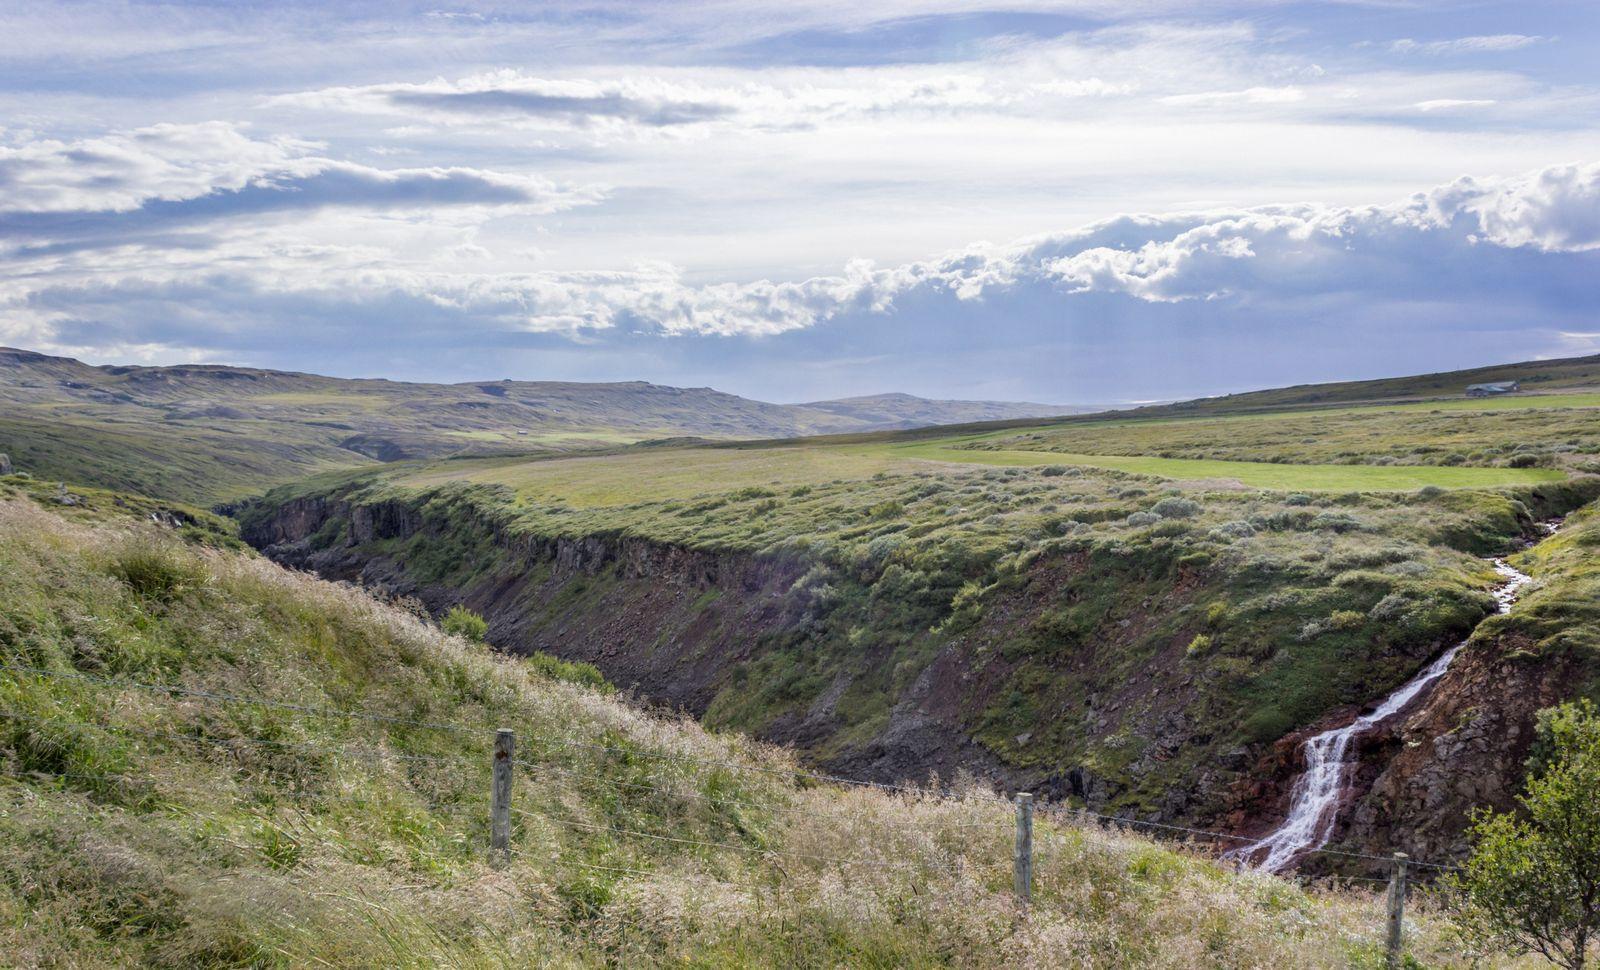 Un vistazo furtivo al cañón junto al mirador